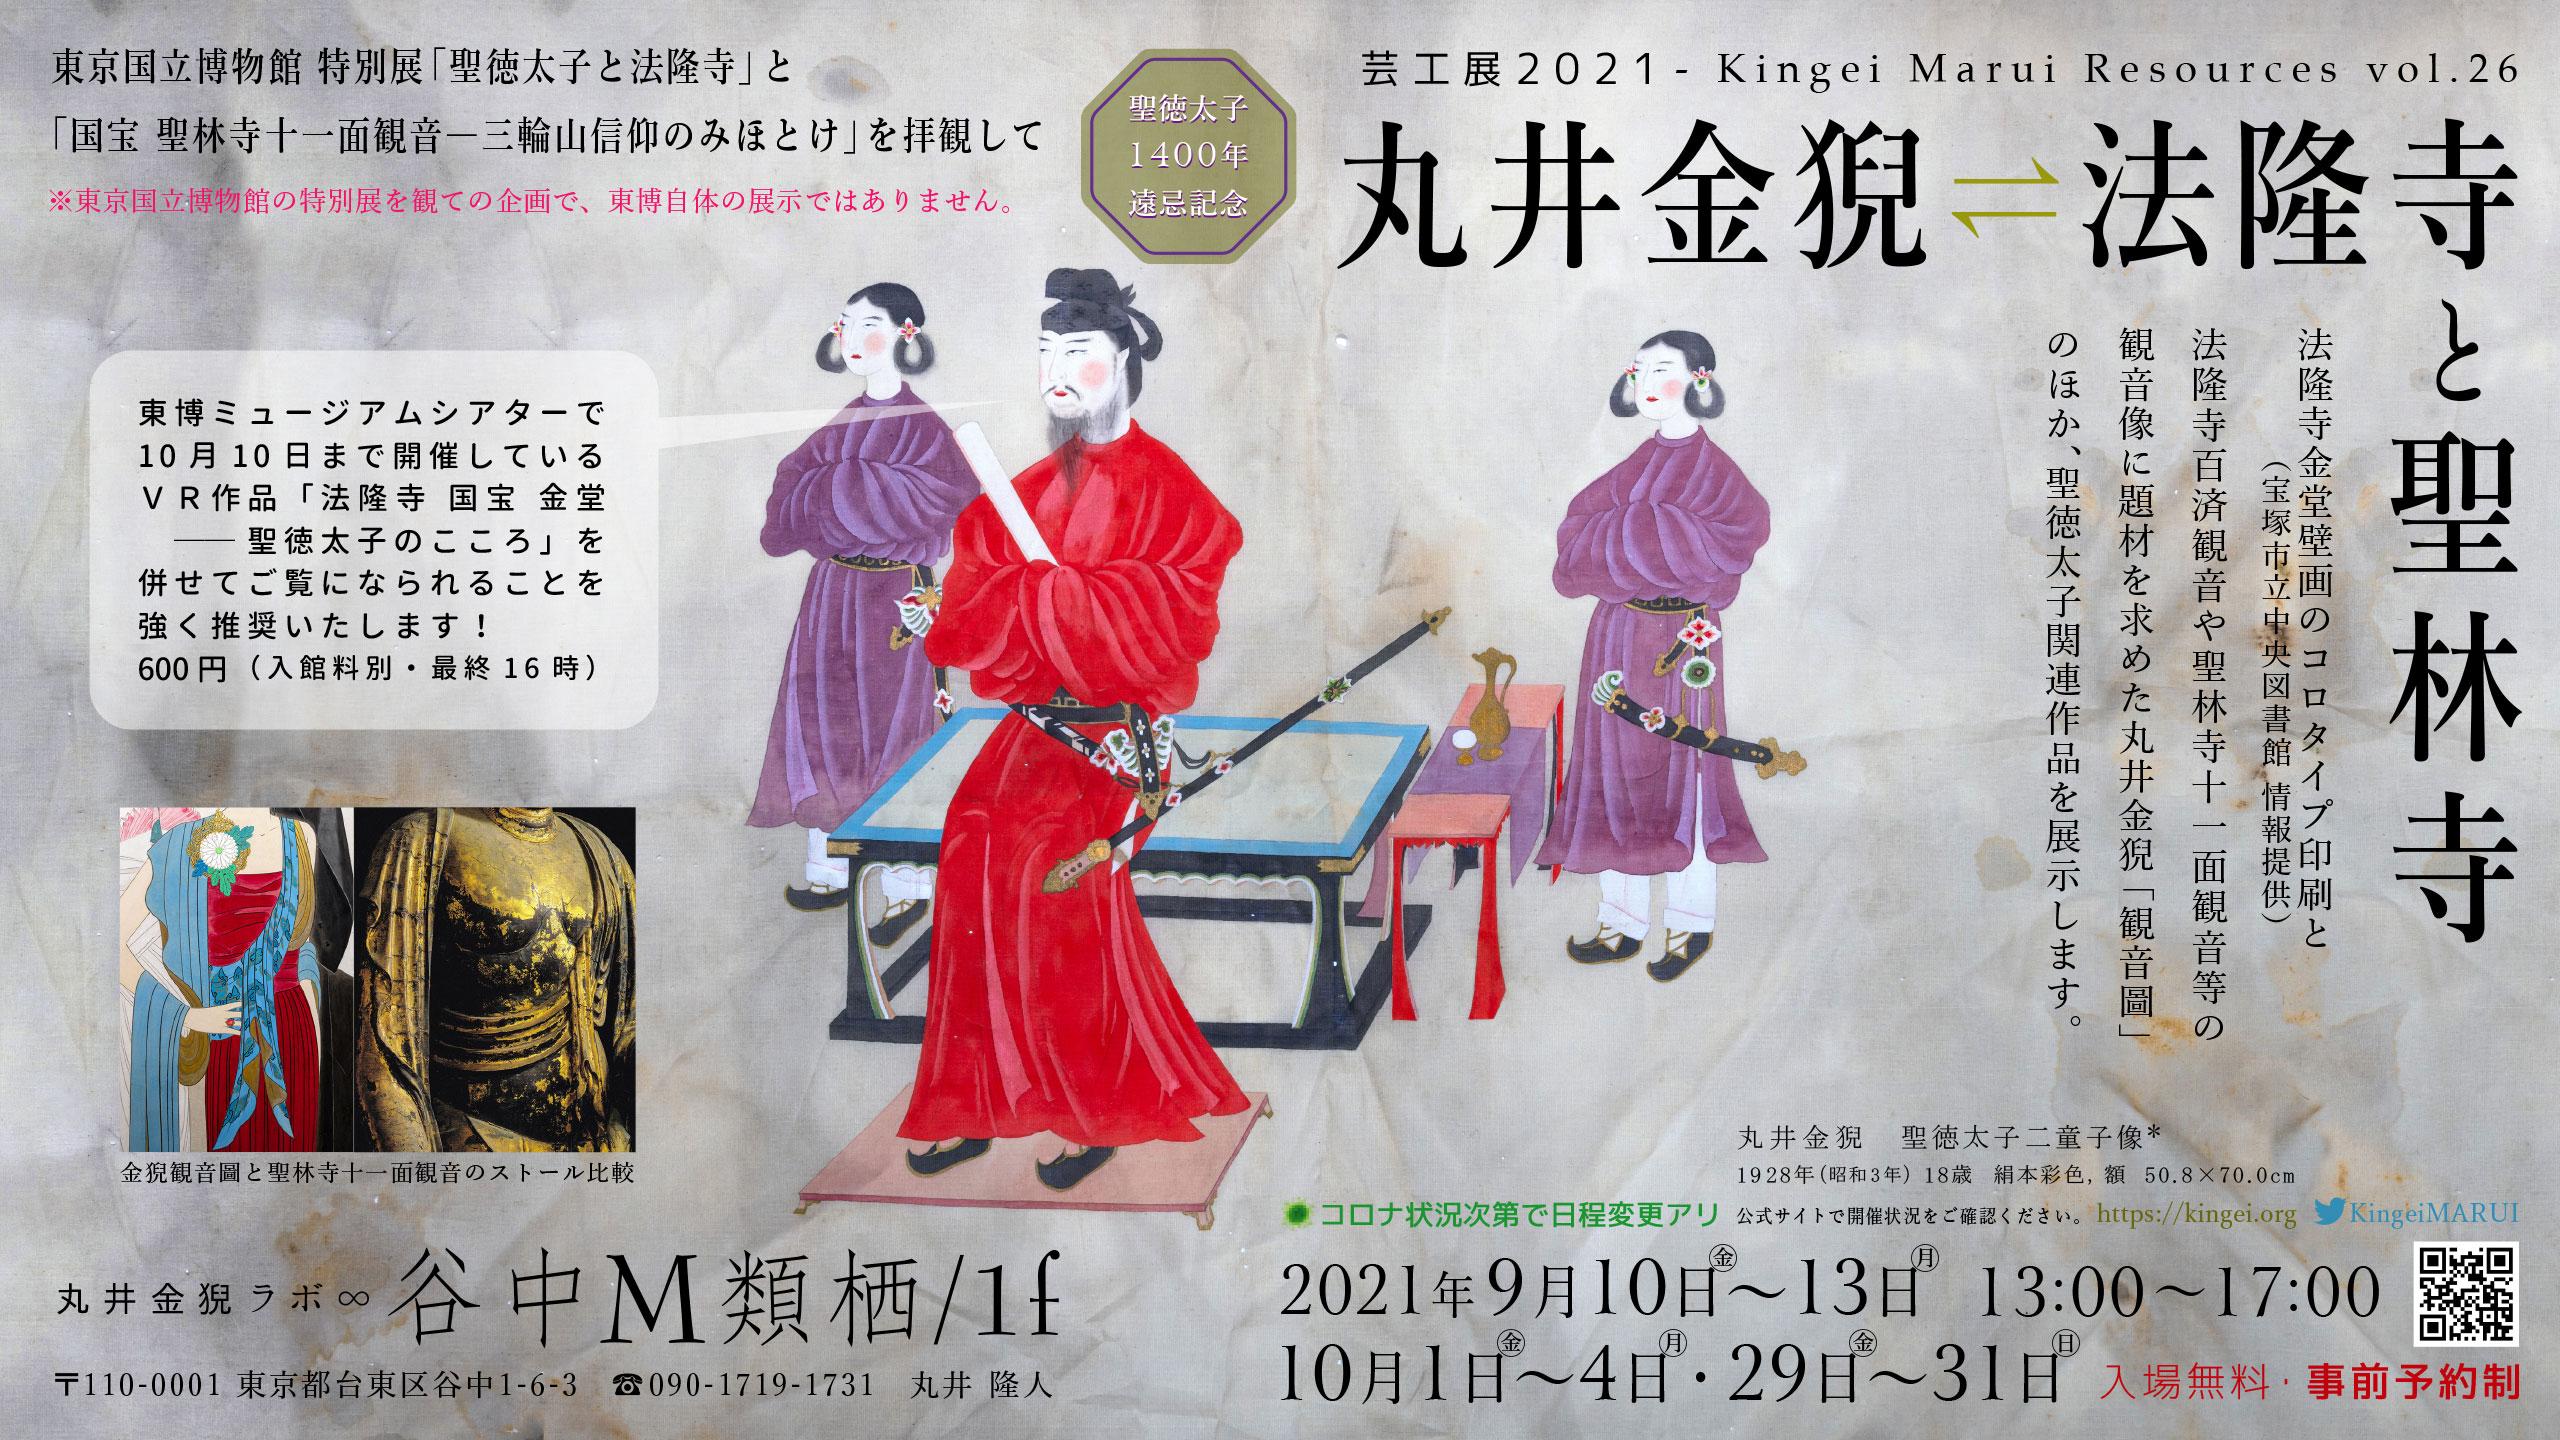 芸工展2021「丸井金猊⇄法隆寺と聖林寺」